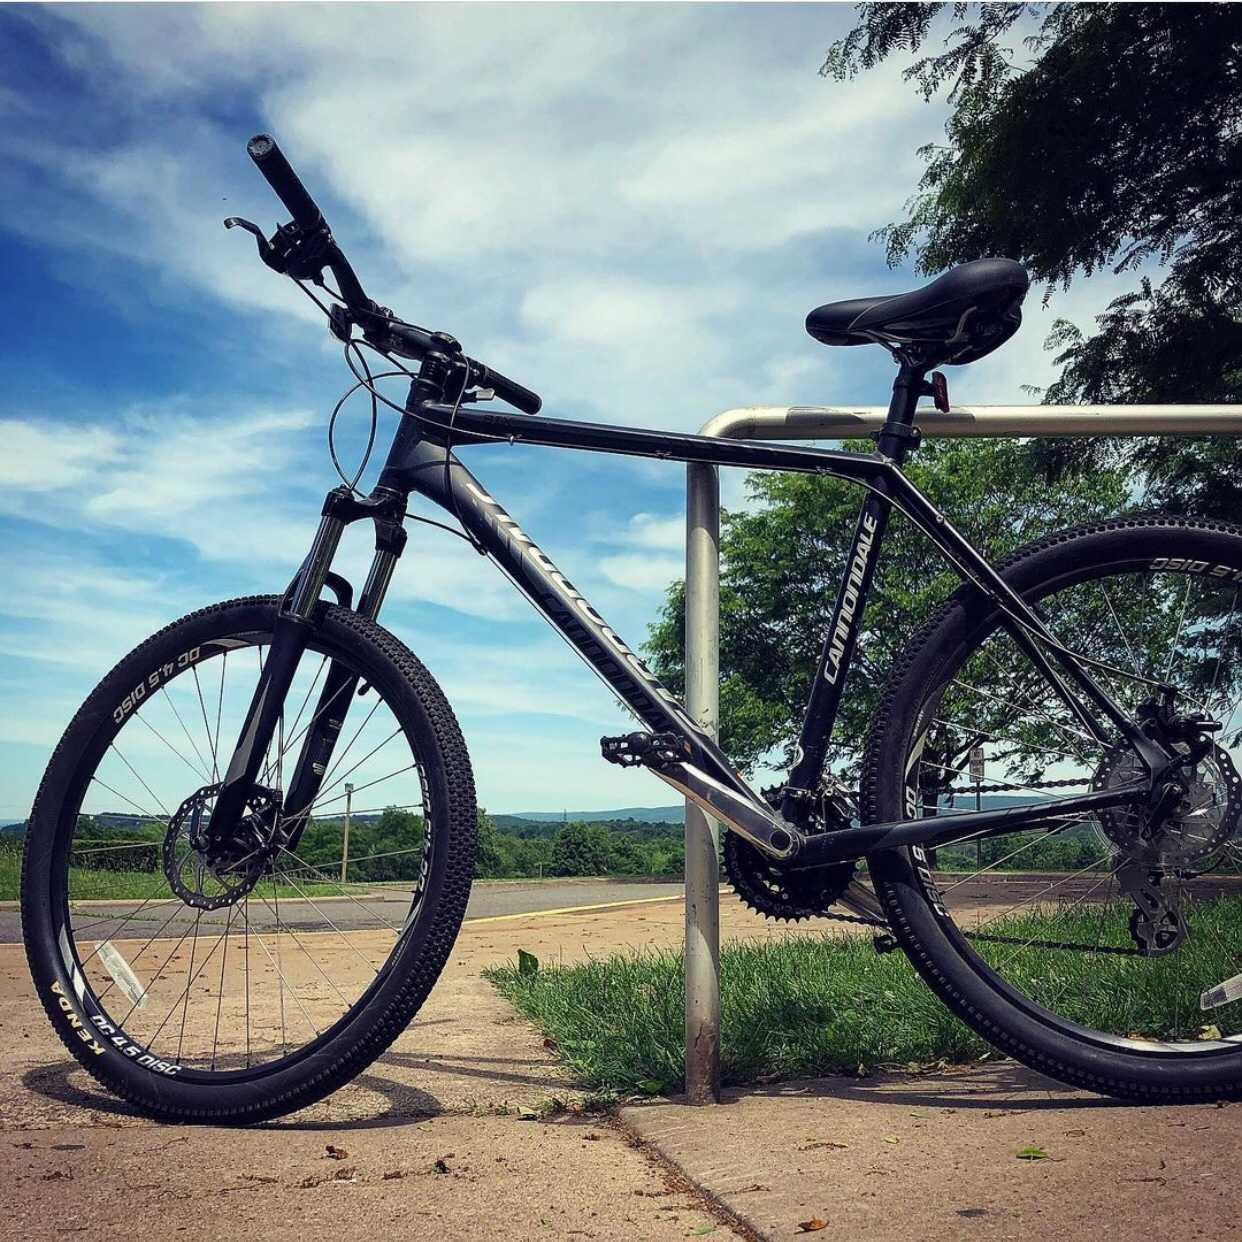 Matt's bike